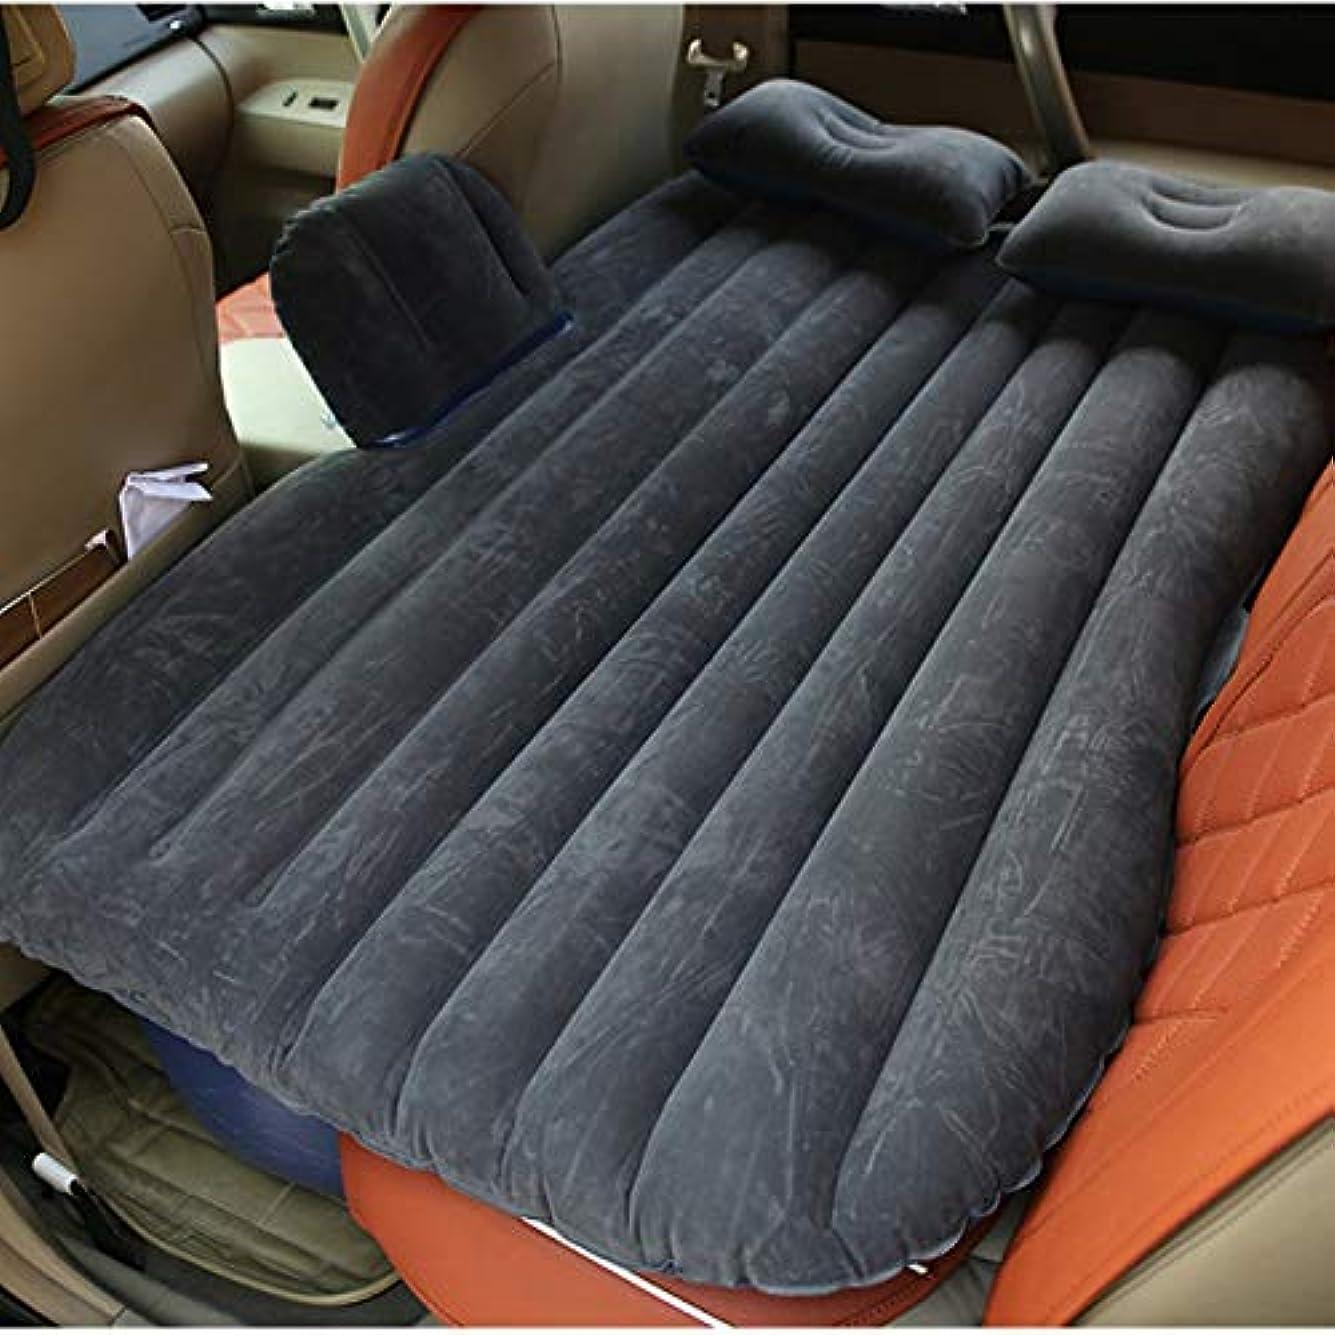 失業メッセンジャー魔術師Saikogoods 車内用大型耐久性に優れたカーバックシートカバーカーエアマットレス旅行ベッド防湿インフレータブルマットレスエアーベッド 黒